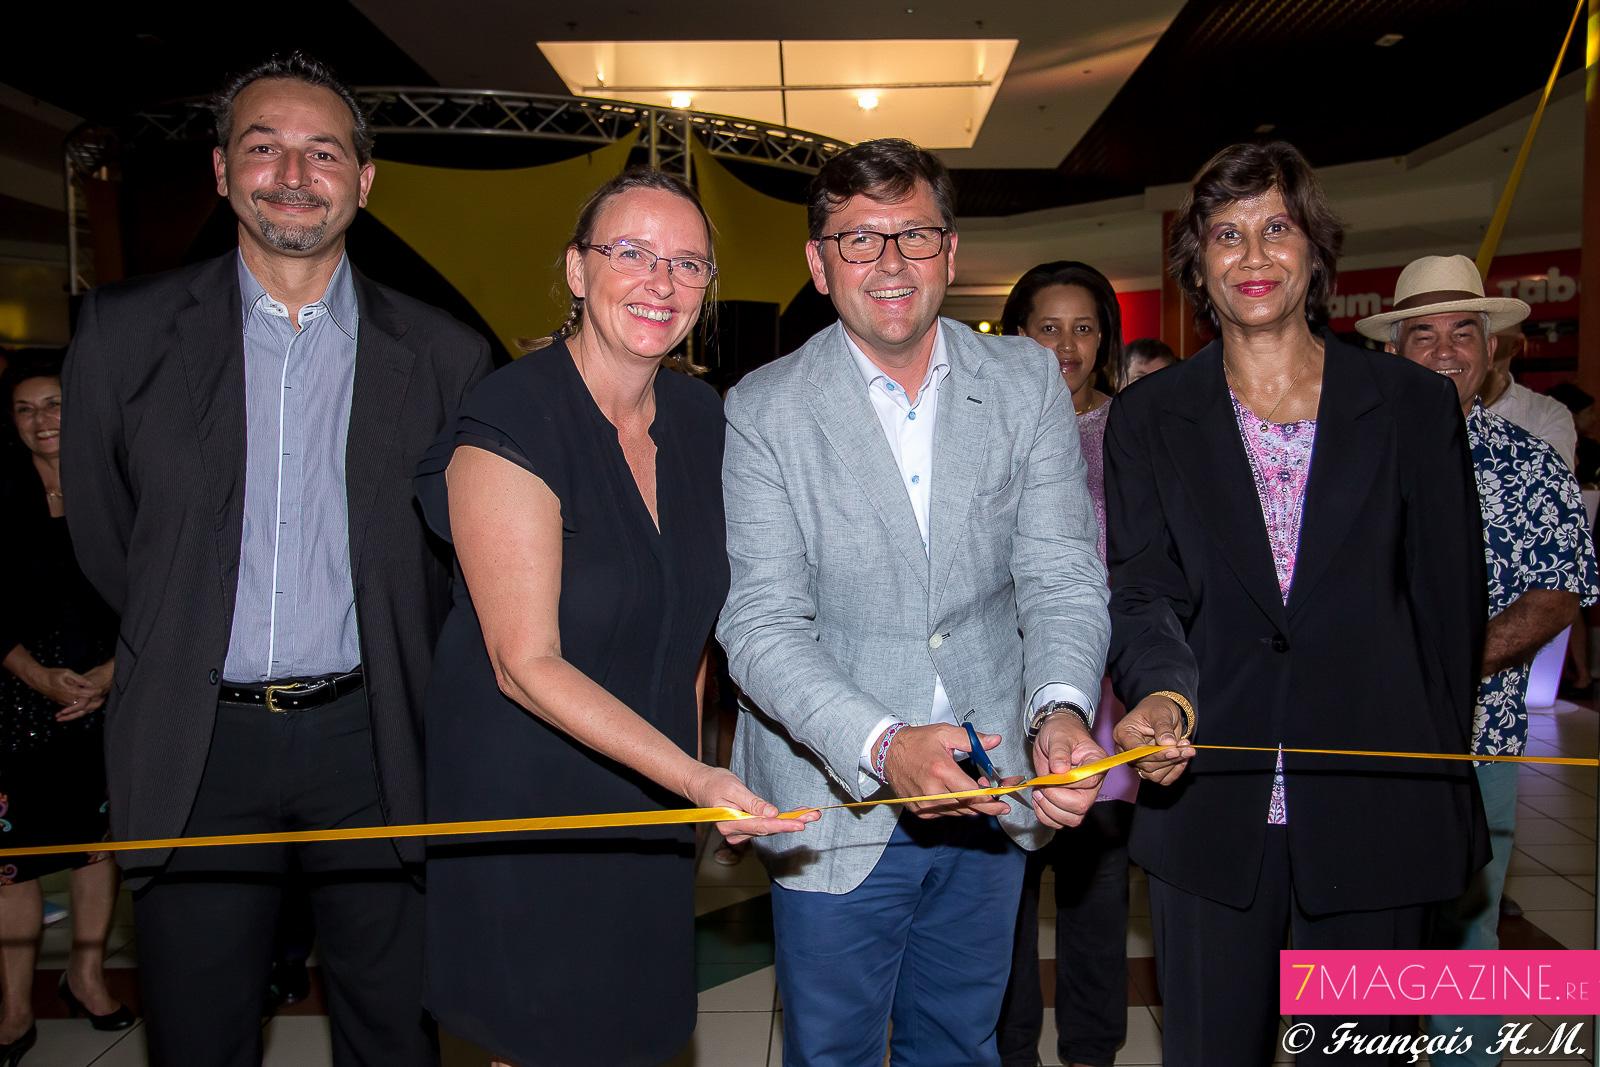 Freddy Derimer, directeur magasin FNAC Le Port, Marina Chaline, Business Developper FNAC, Olivier Langlet, et Président Vindemia Group, Annie Mourgaye, 5ème adjointe du maire du Port